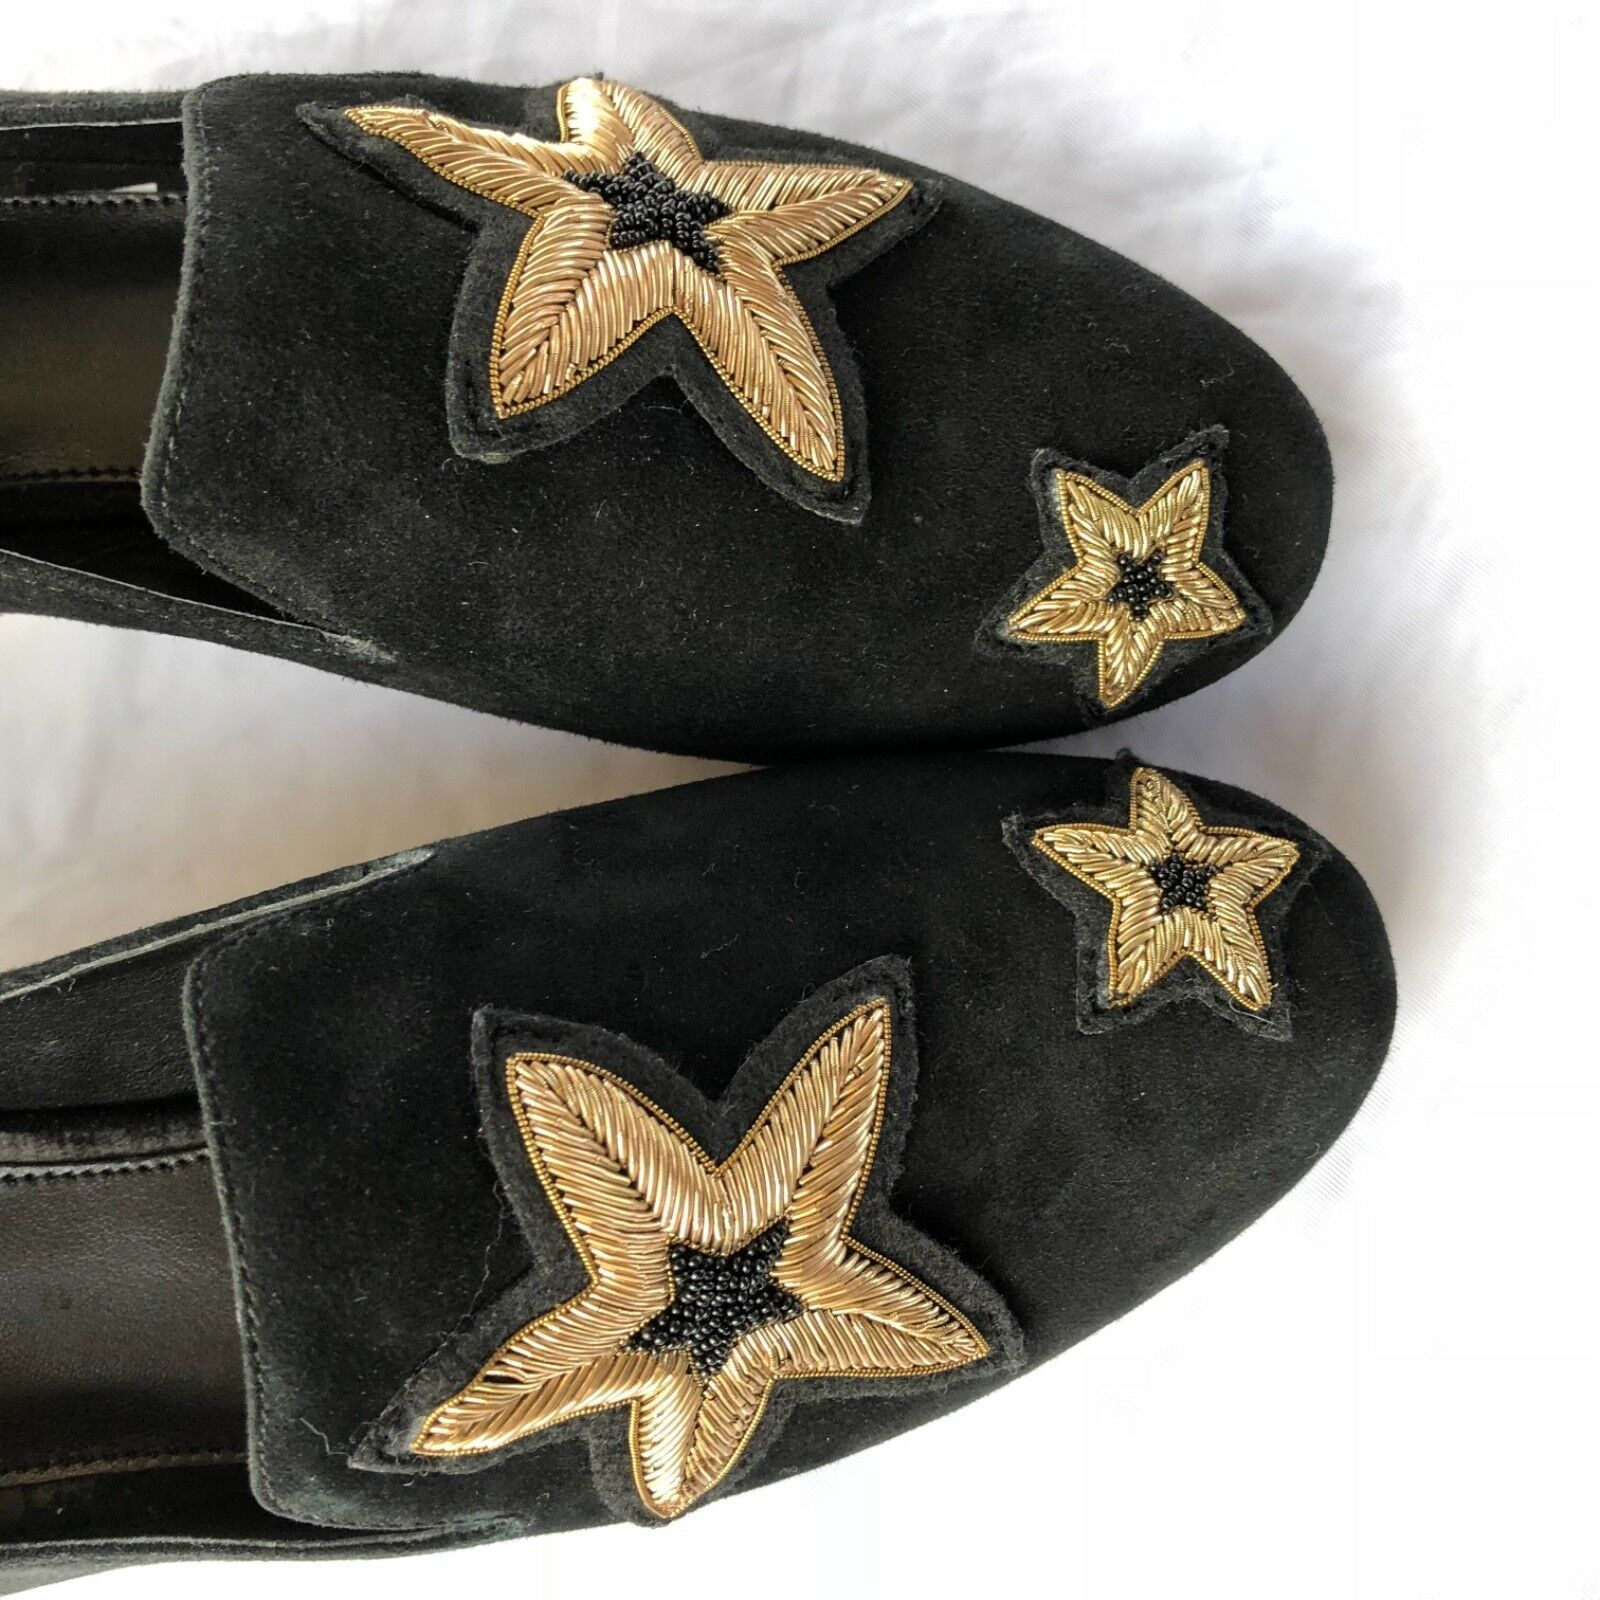 Michael Kors Femmes Chaussures Noir en Cuir Caoutchouc Semelle Broderie Size 6.5 image 7